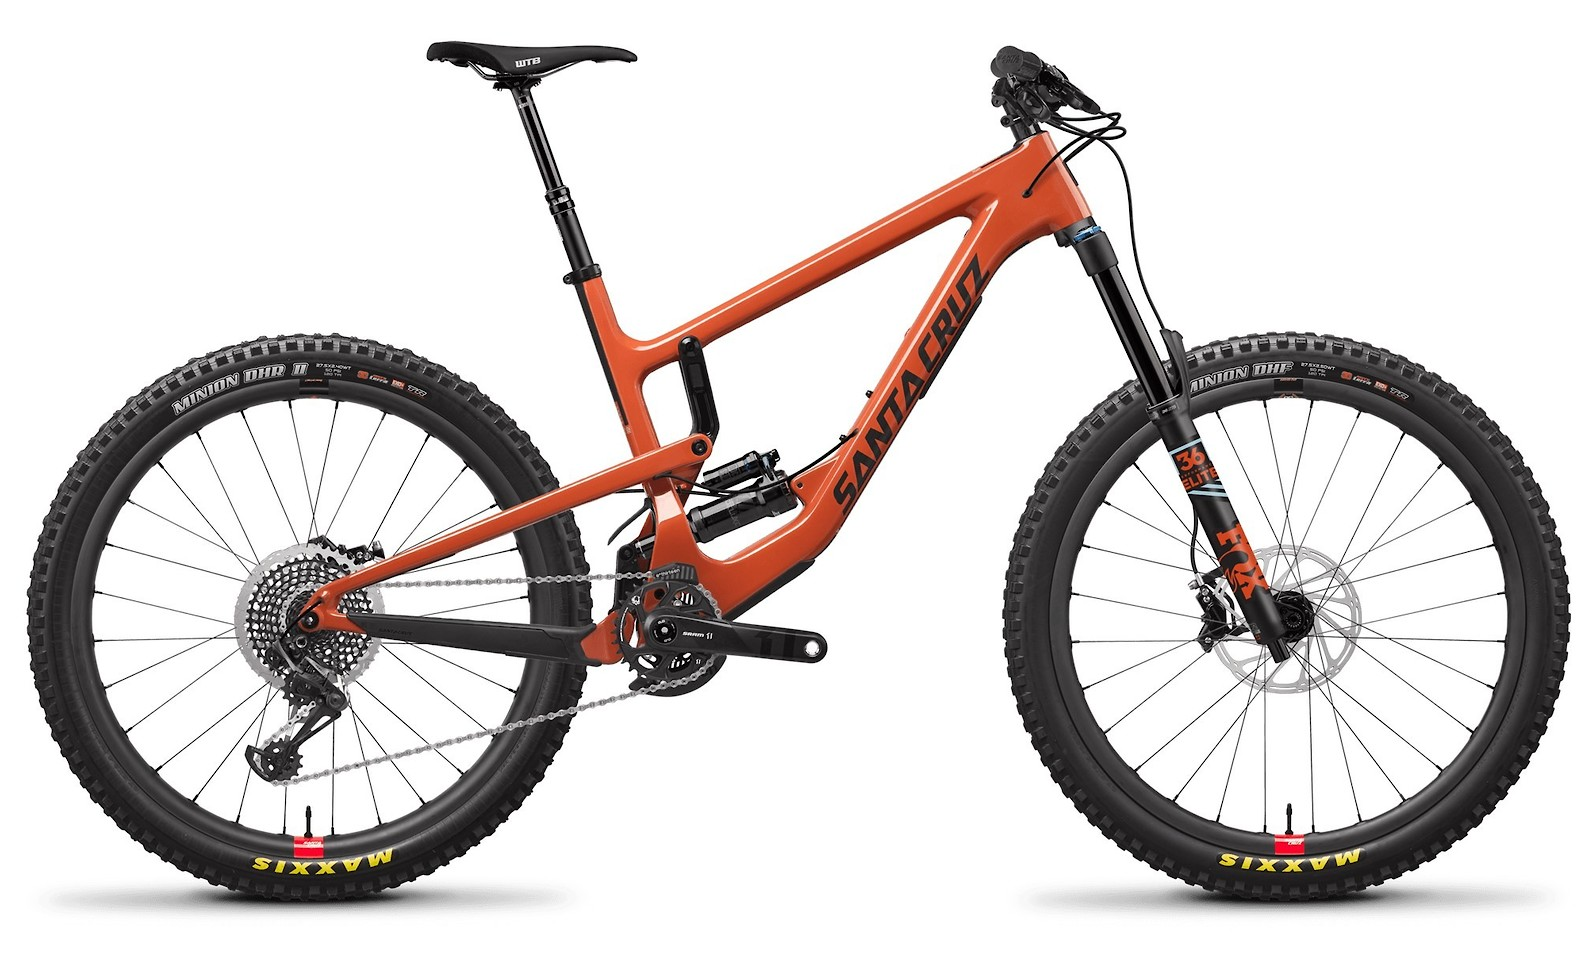 Nomad Carbon CC XTR Reserve Wheels Orange and Carbon